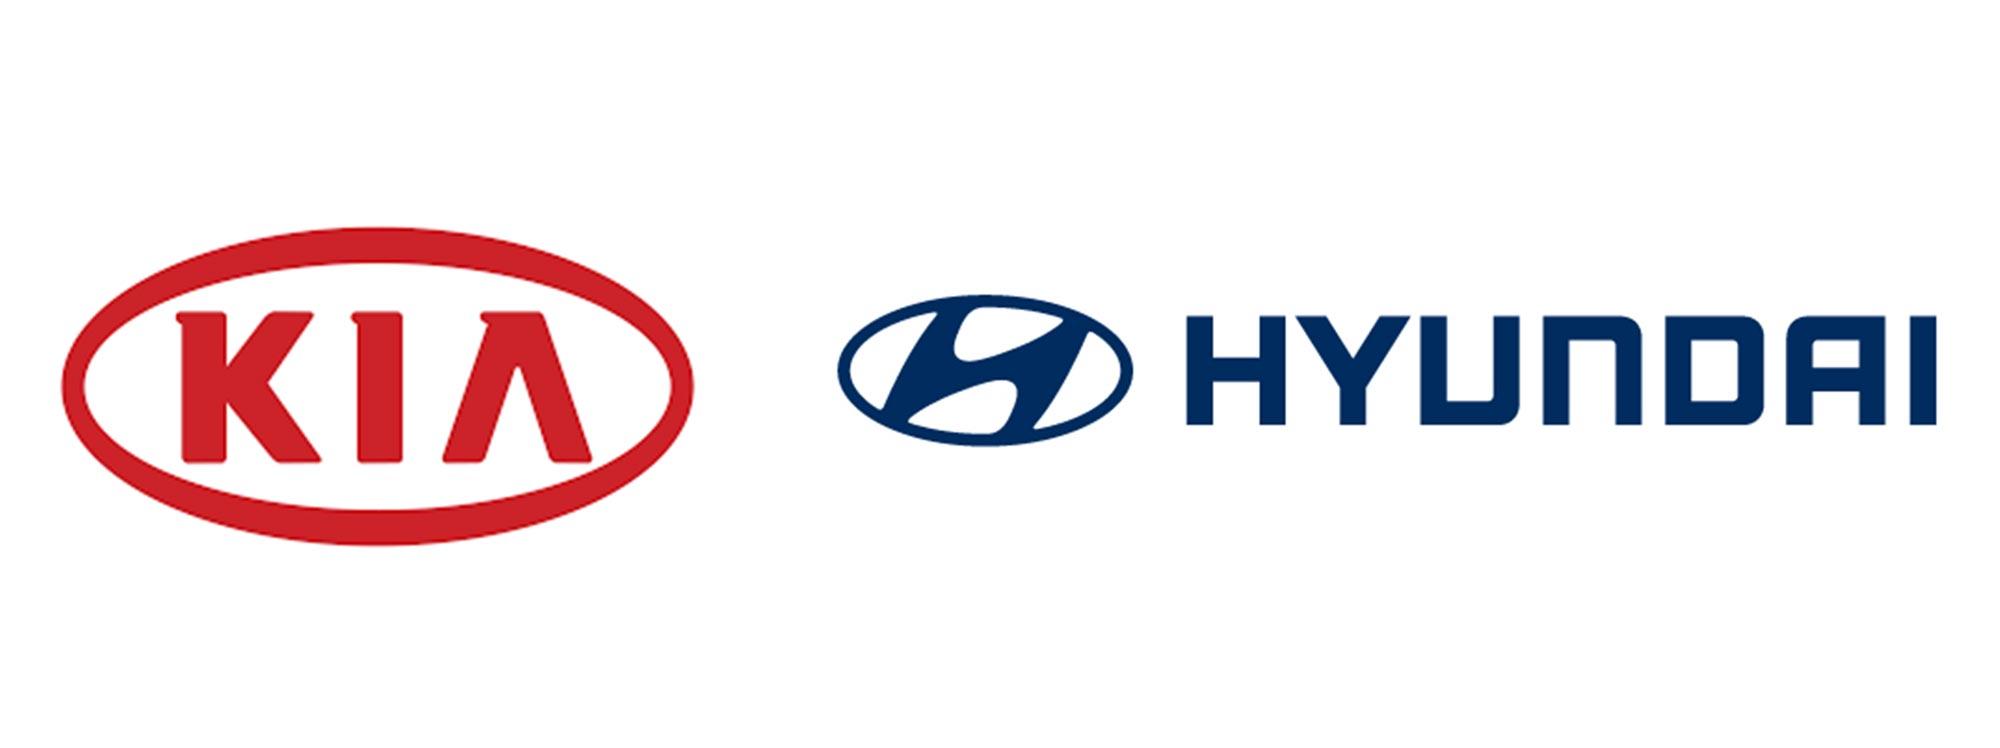 Kia y Hyundai se unen por el medio ambiente